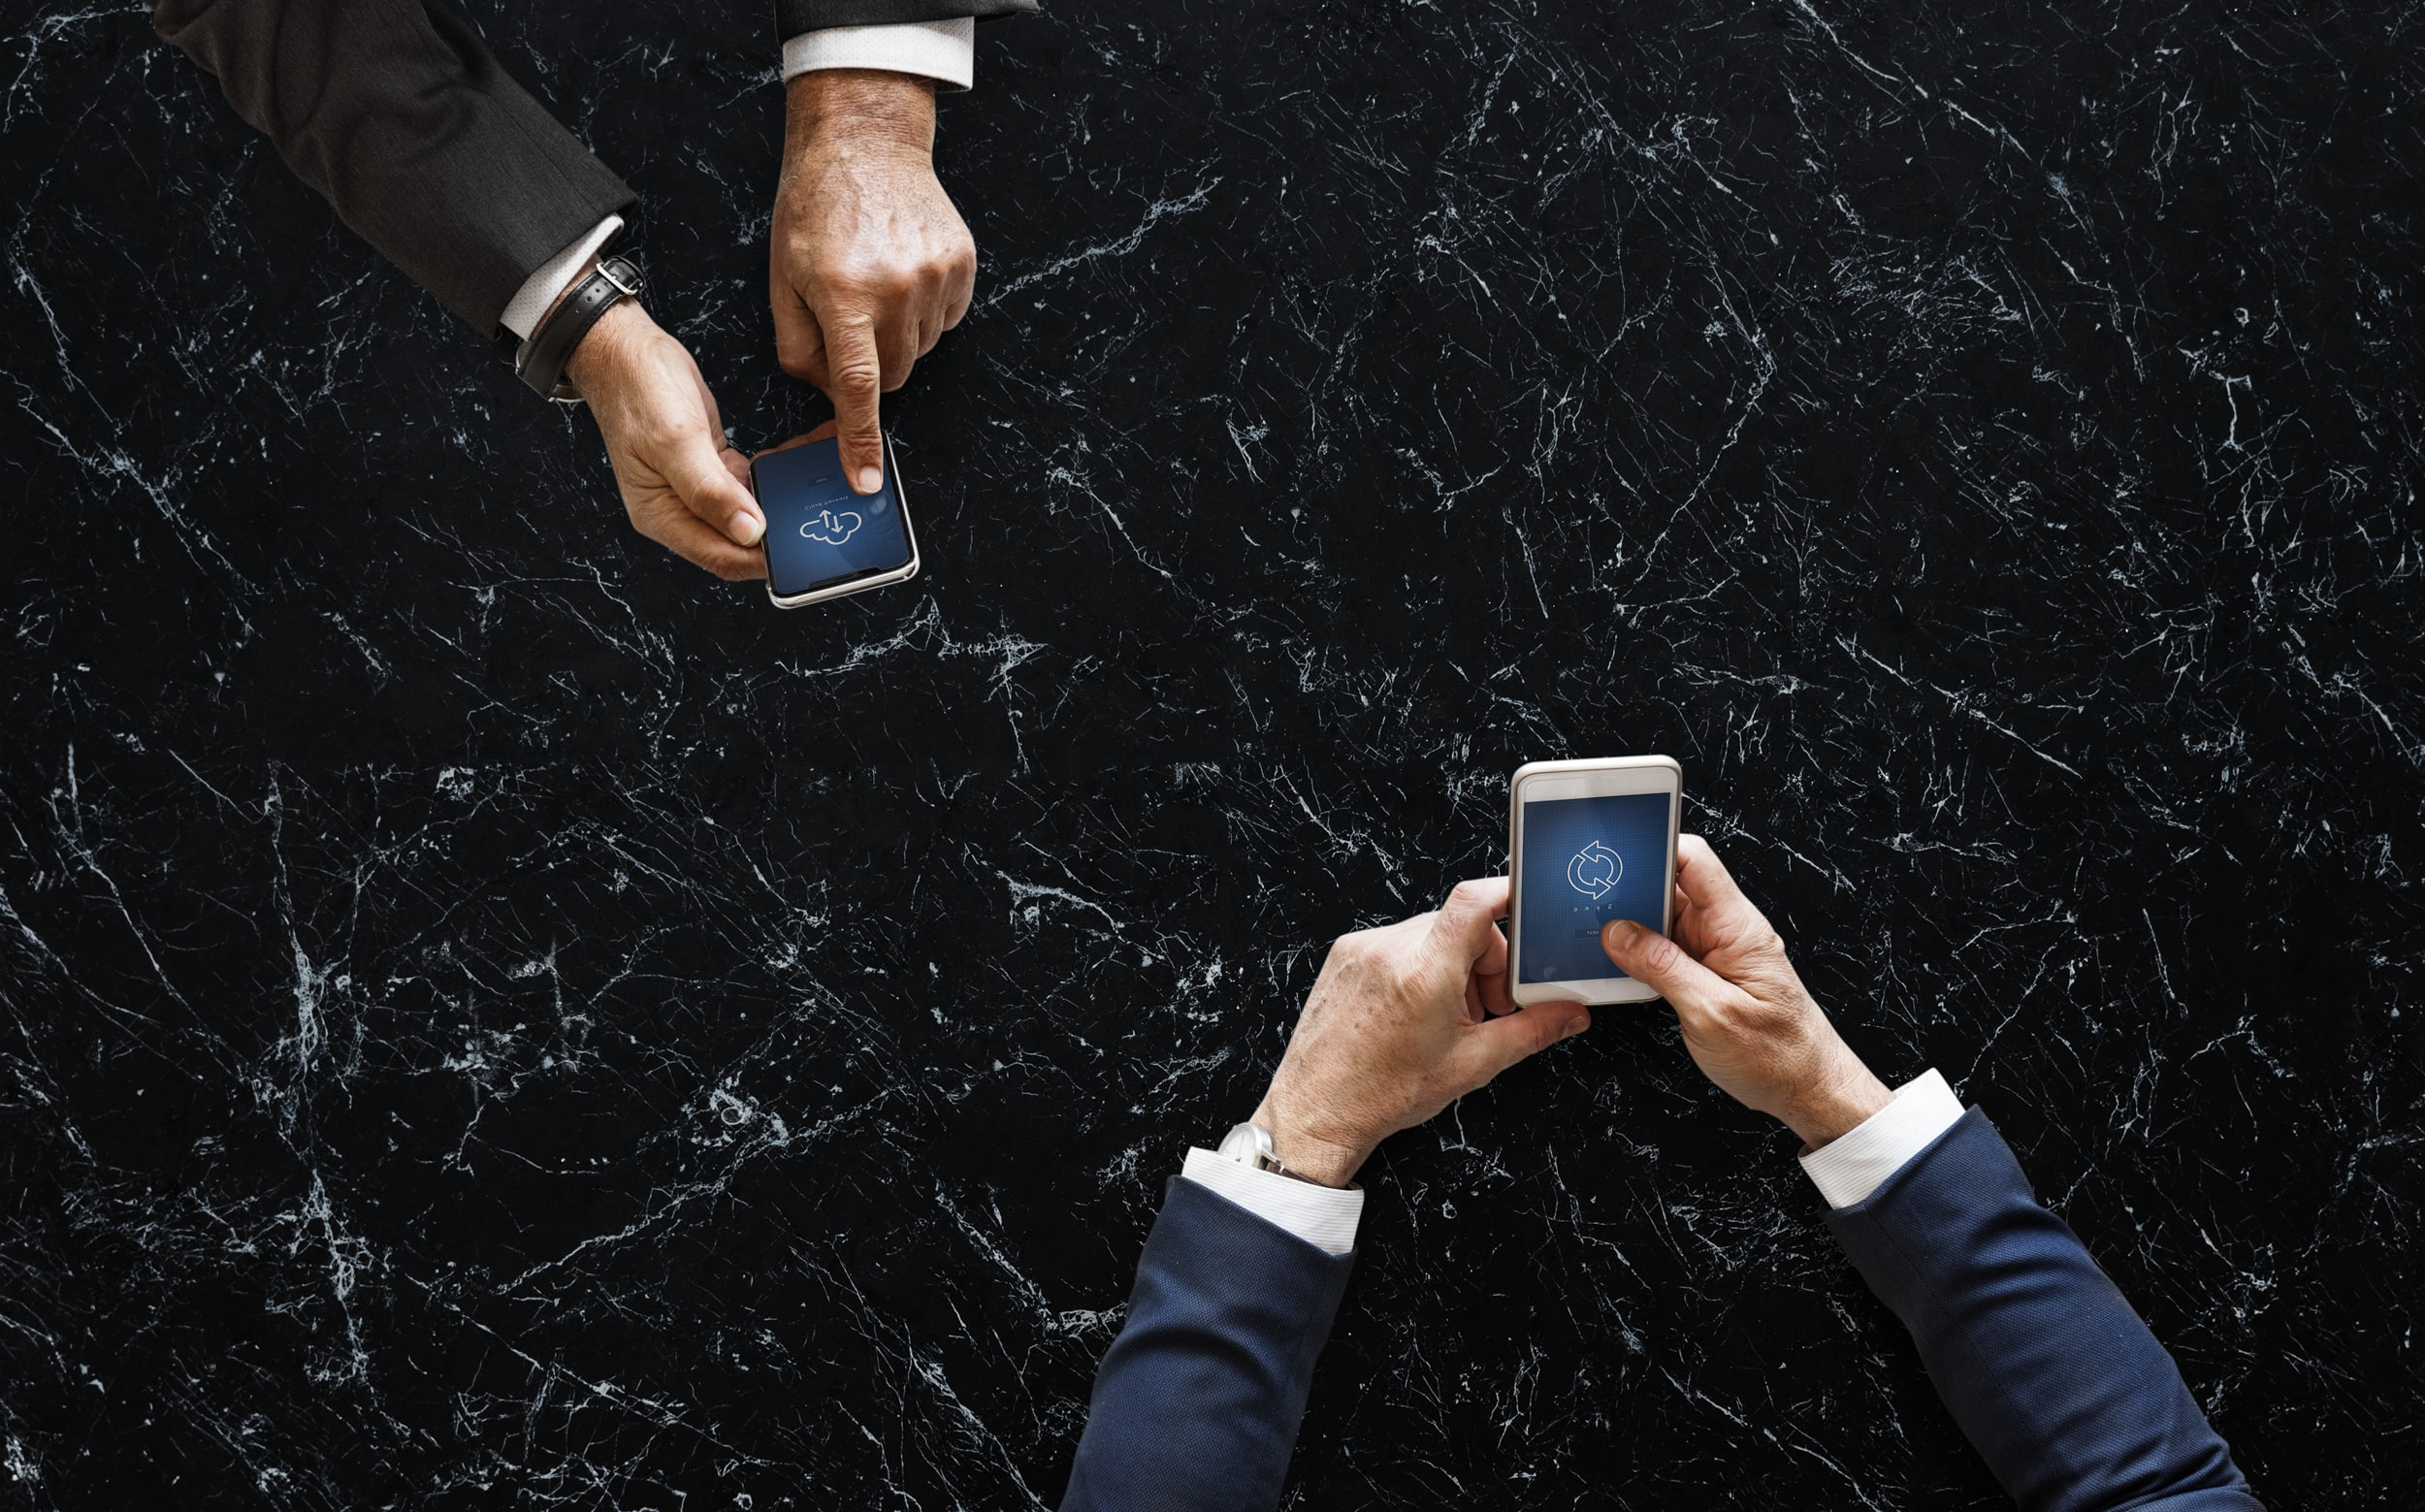 two men operating smartphones